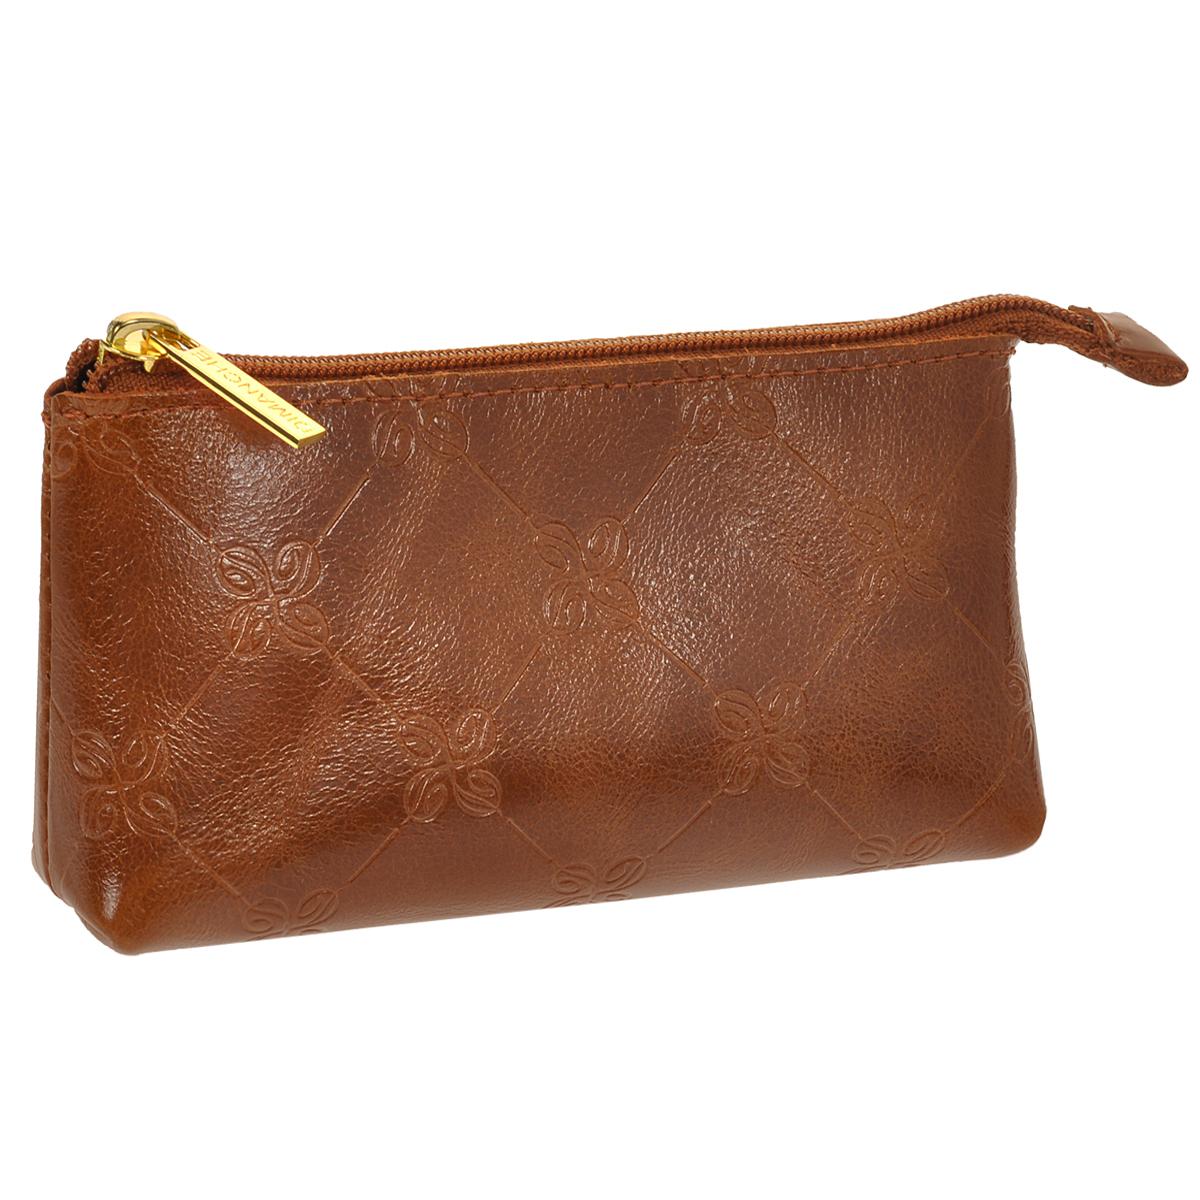 Ключница Dimanche Louis Brun, цвет: коричневый. 607607Компактная ключница Dimanche Louis Brun - стильная вещь для хранения ключей. Ключница выполнена из натуральной кожи. Состоит из одного отделения, закрывающегося на застежку-молнию. Внутри ключницы на шнурке крепится металлическое кольцо для ключей. . Модель эффектно смотрится в руке. Кожа роскошная, отделка аккуратная, ключницу с удовольствием берешь в руки и также с удовольствием ей пользуешься.